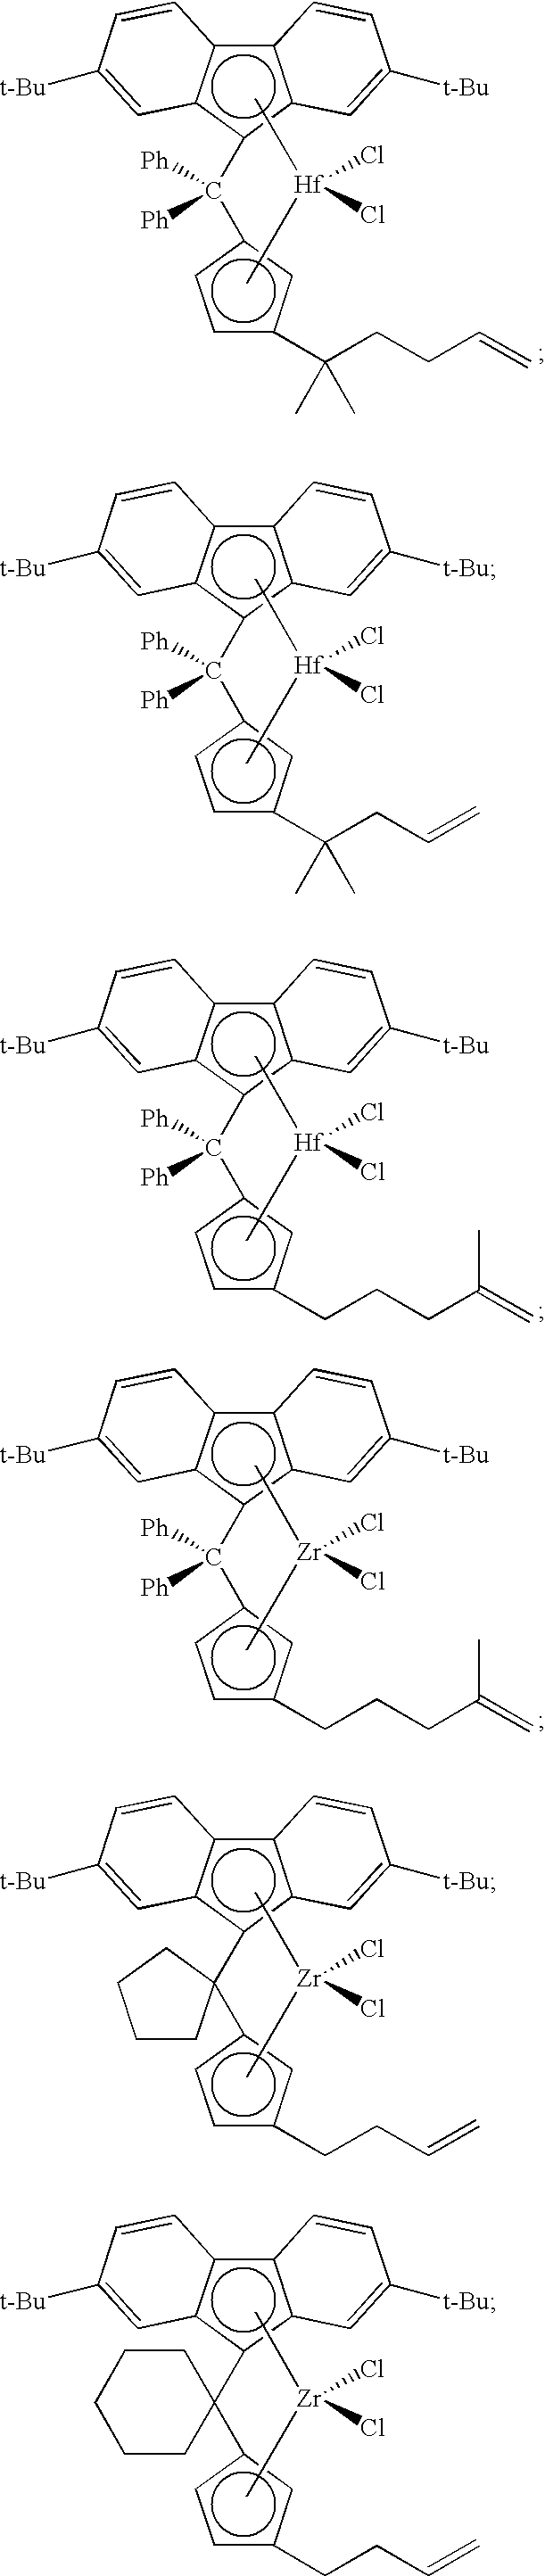 Figure US07884163-20110208-C00002